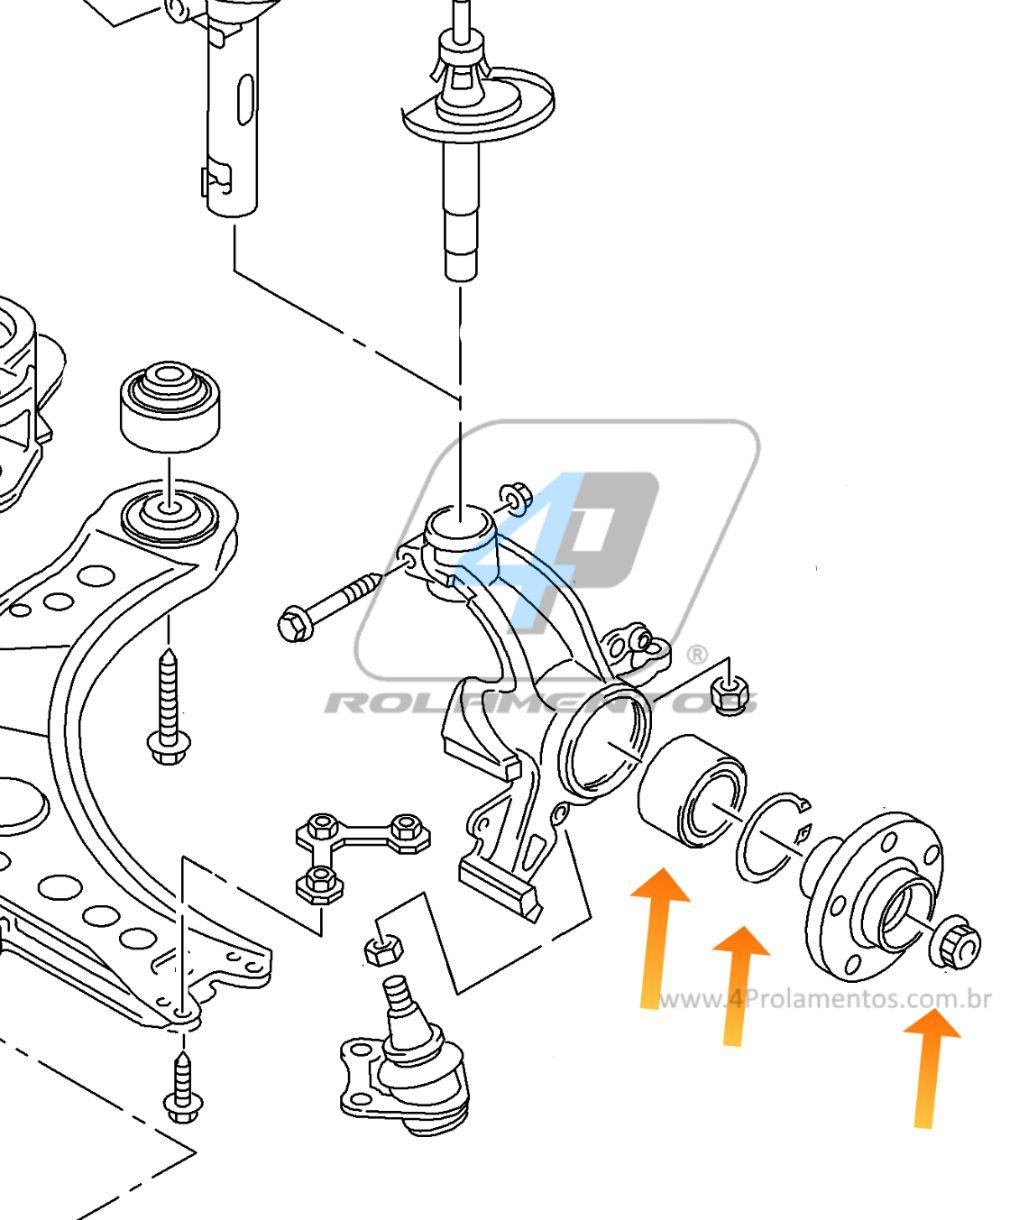 Rolamento de Roda AUDI TT 1998 até 2006 com kit reparo